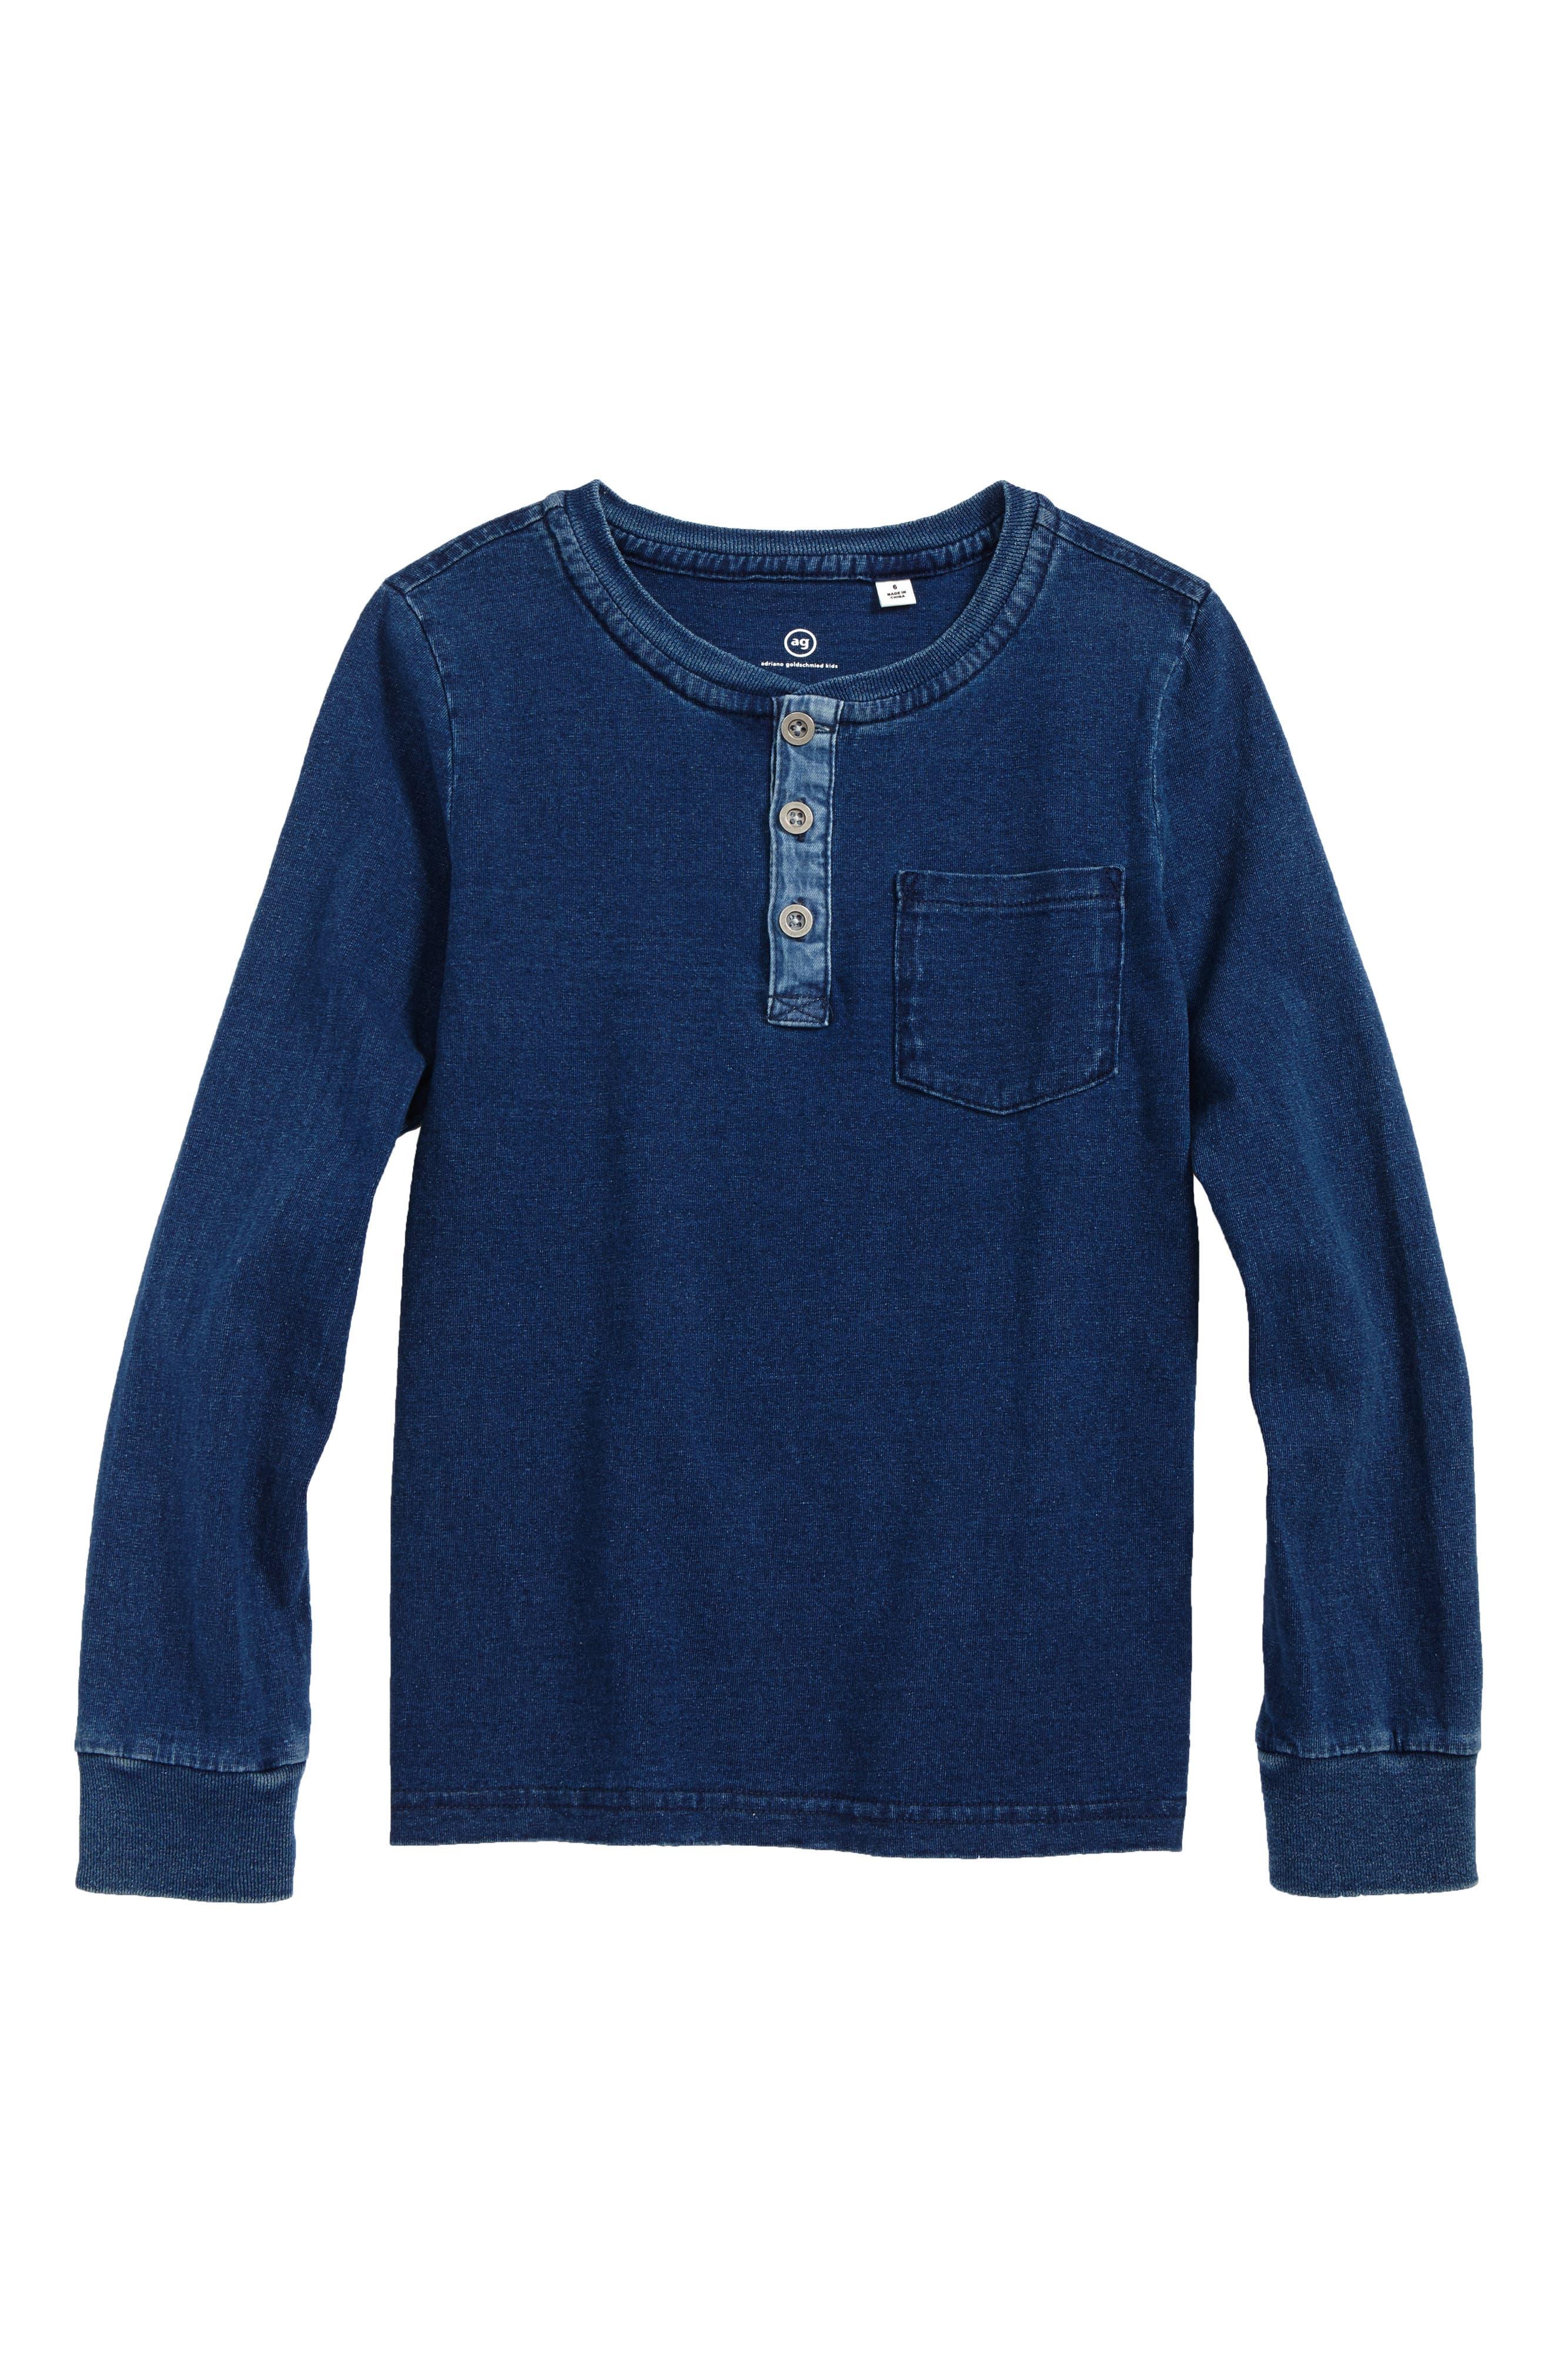 AG Henley T-Shirt,                             Main thumbnail 1, color,                             Indigo Rinse